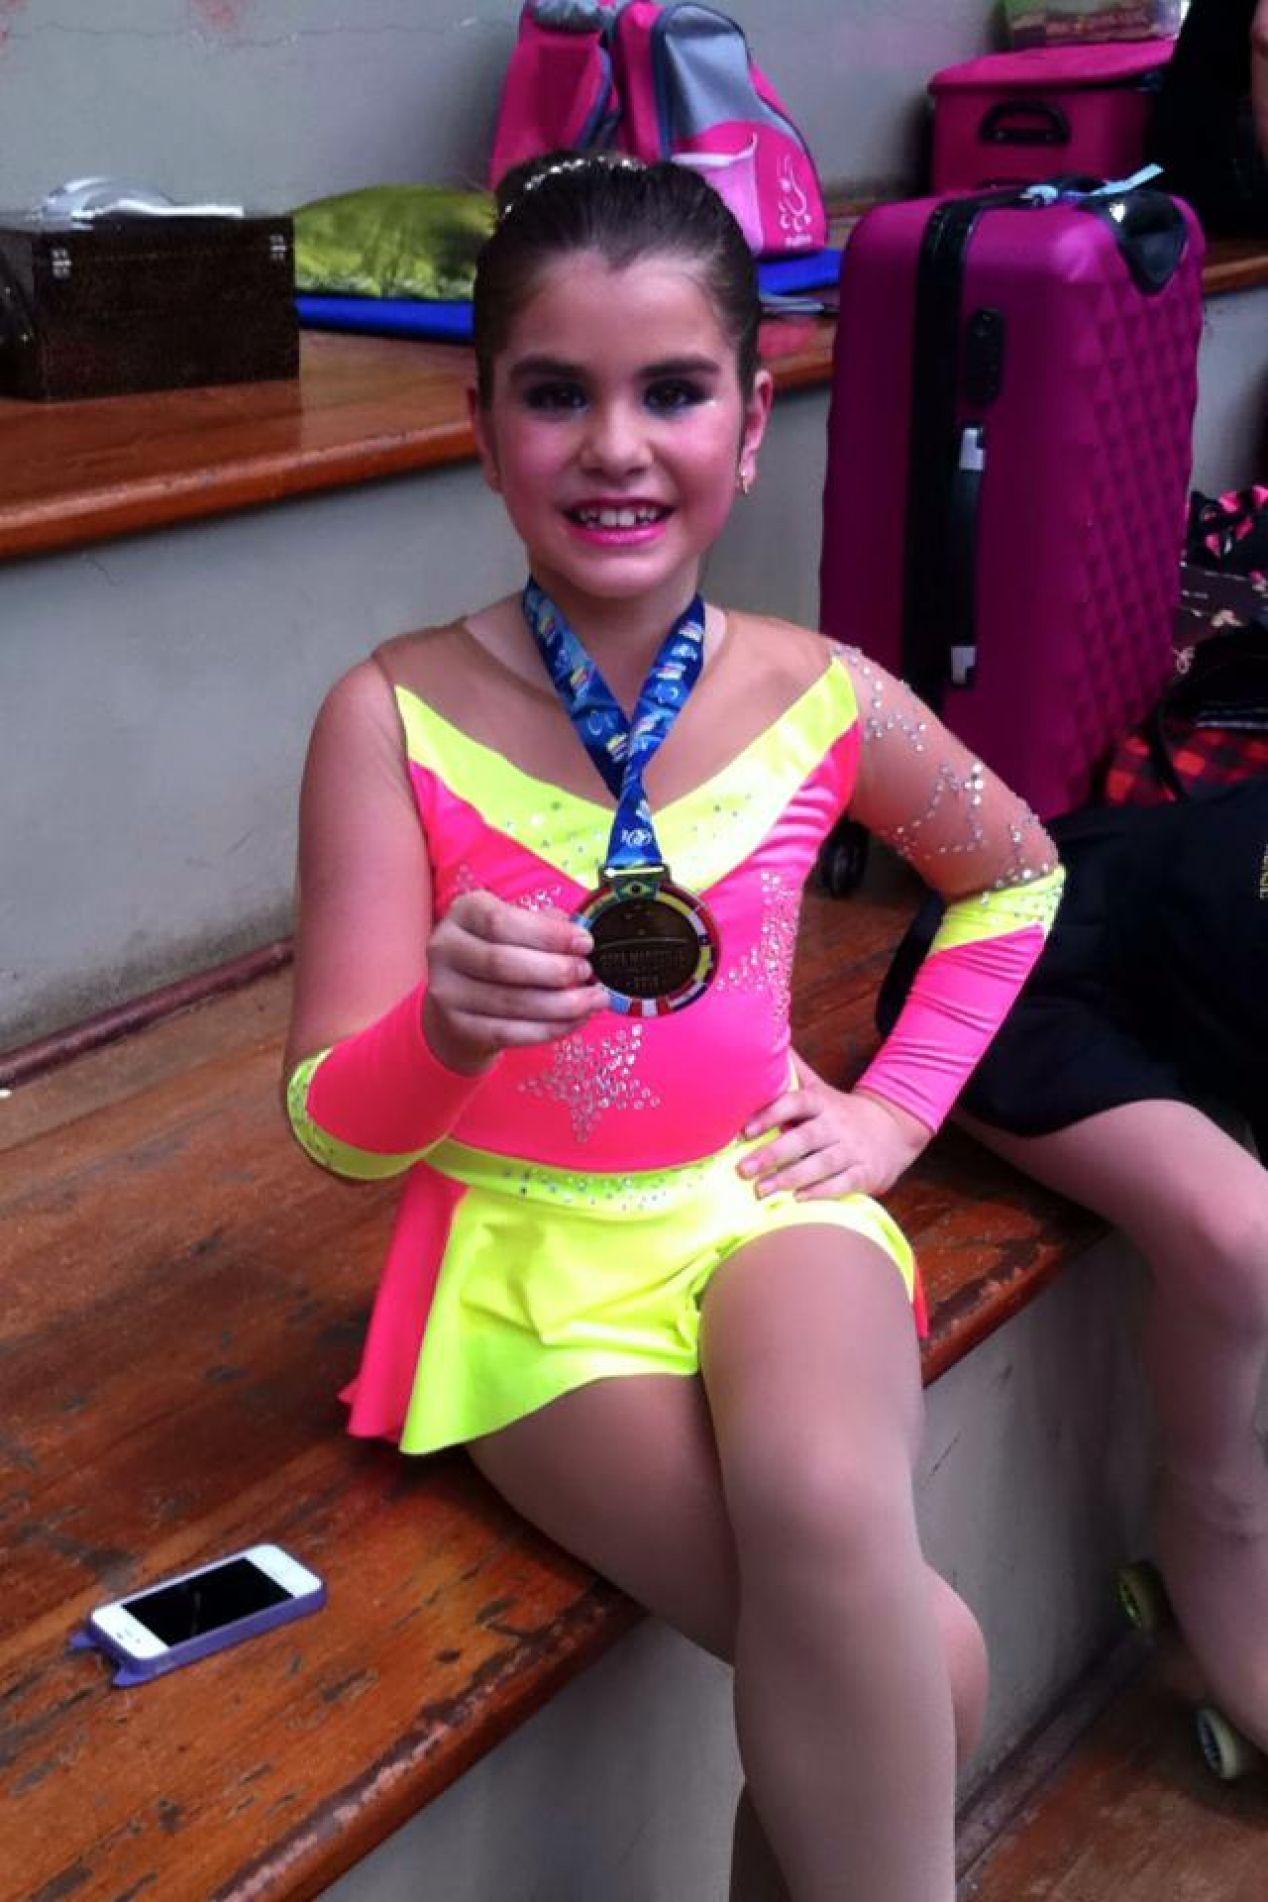 Mariana exibe uma medalha conquistada na patinação.